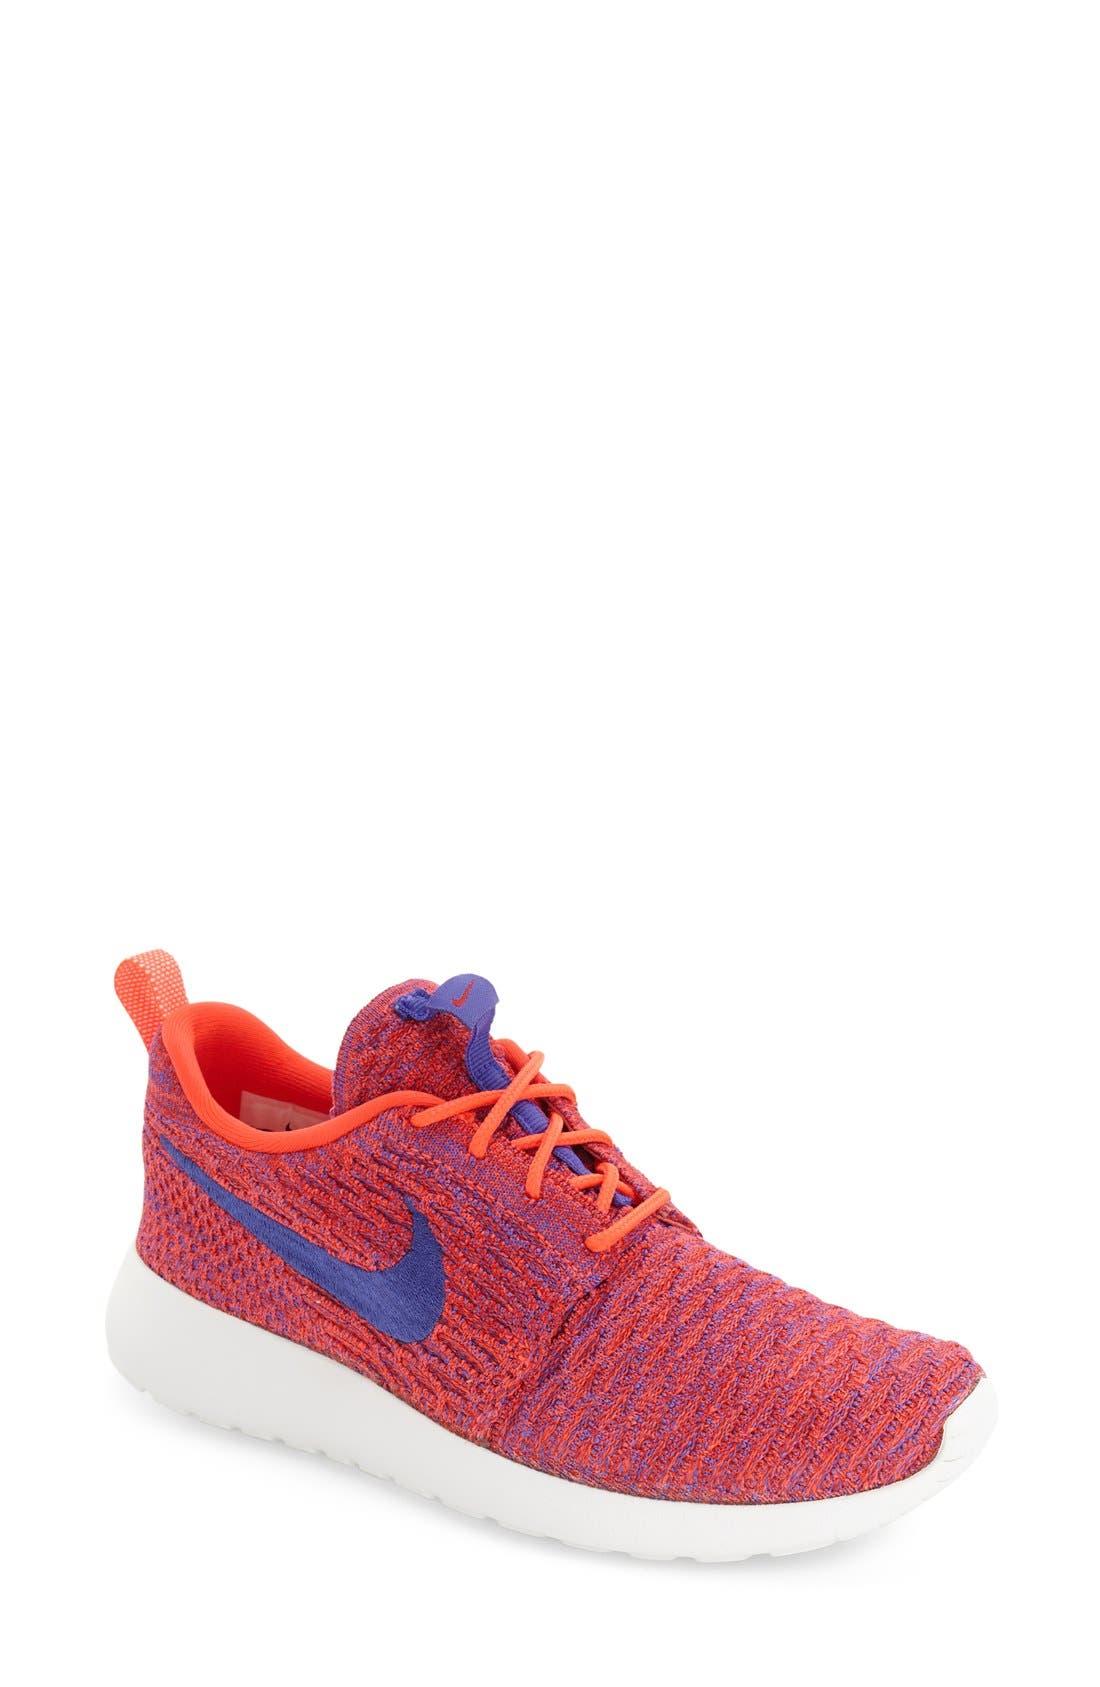 Main Image - Nike FlyKnit Roshe Run Sneaker